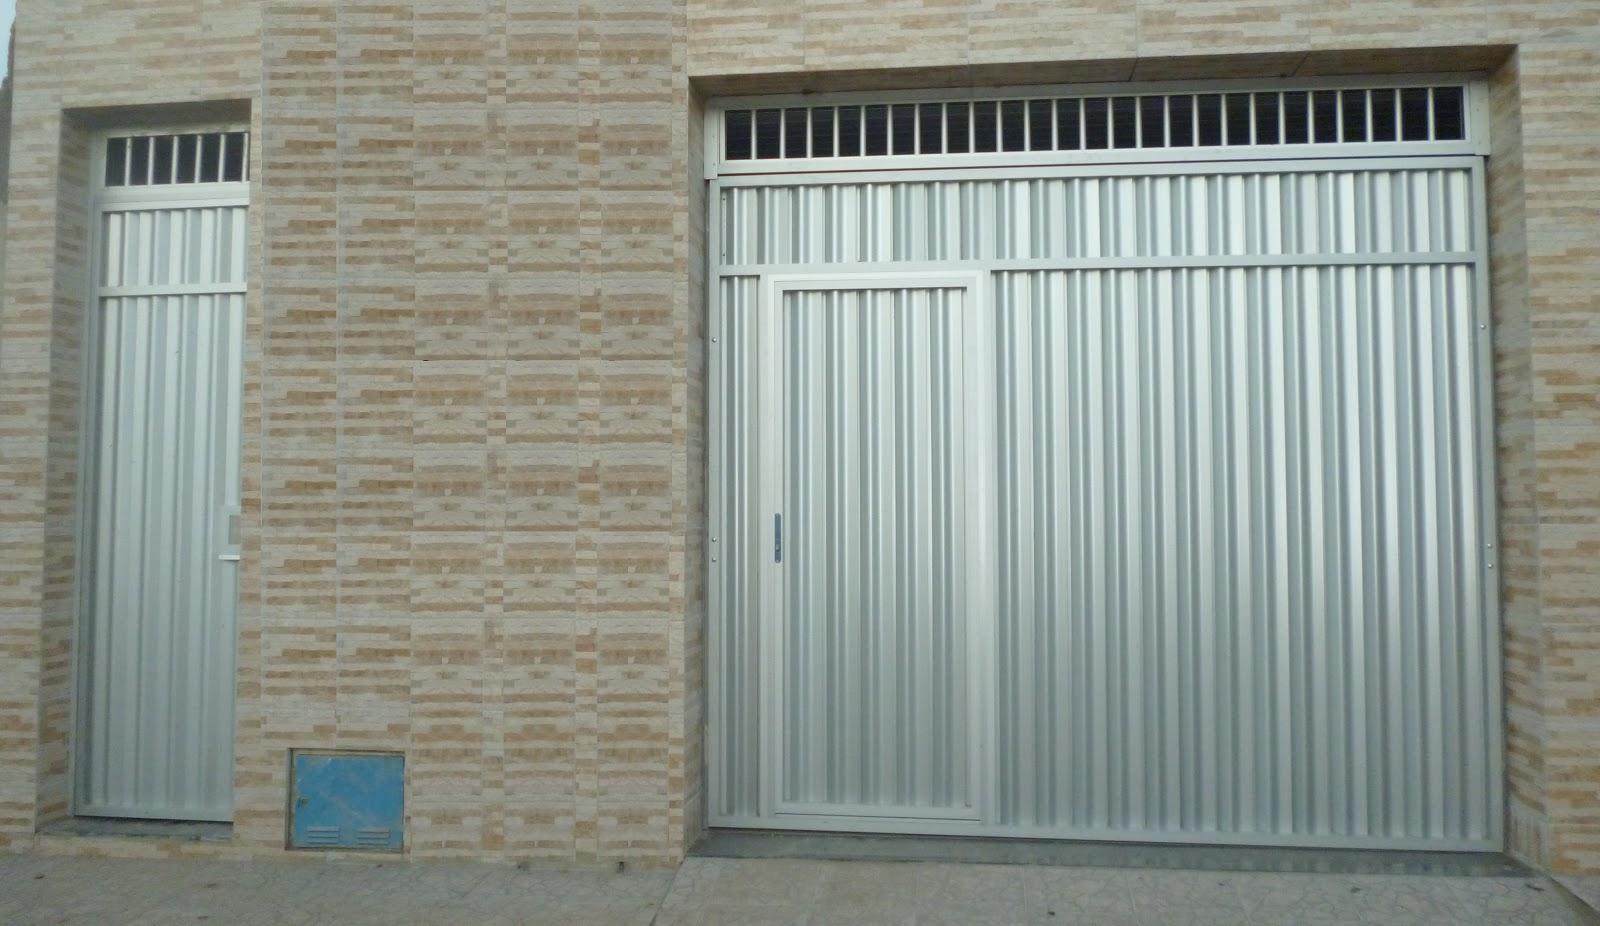 #496771  BASCULANTE ALUMÍNIO FOSCO COM PORTA EMBUTIDA E BANDEIRA VAZADA 1100 Portas E Janelas De Aluminio Na Telha Norte